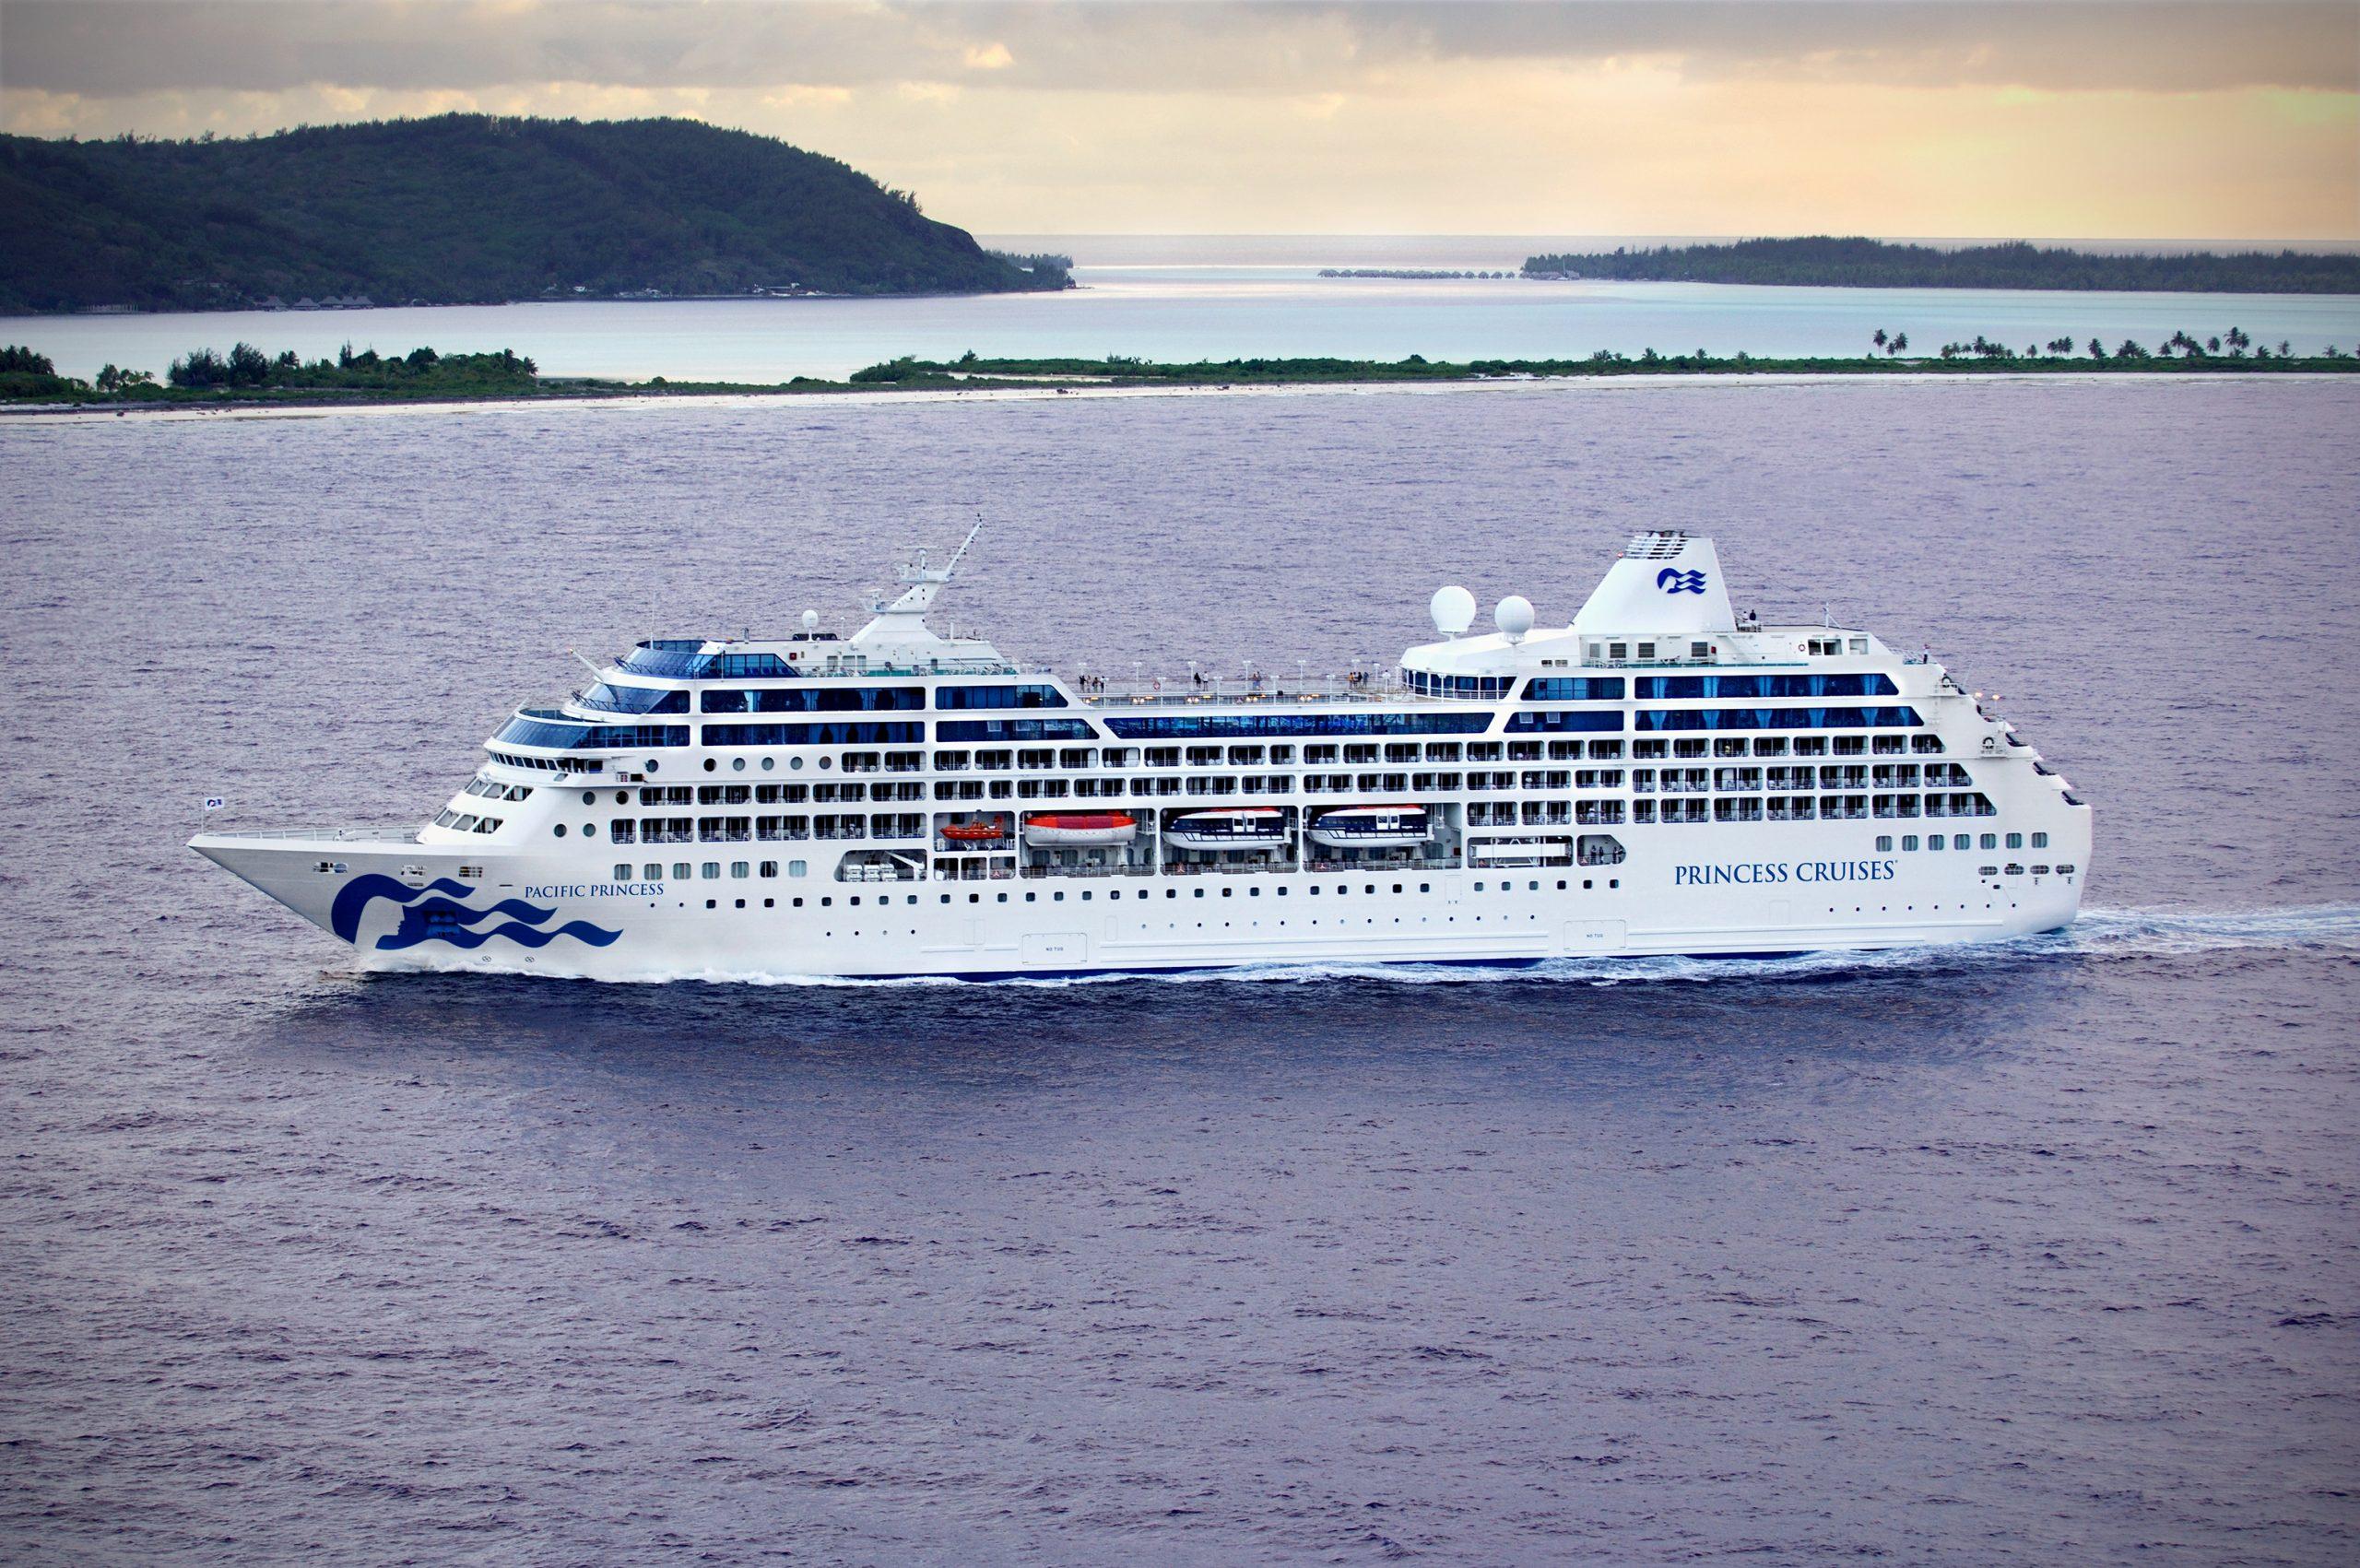 Wegen der COVID-19-Pandemie wird Princess Cruises freiwillig und vorübergehend den weltweiten Betrieb seiner 18 Kreuzfahrtschiffe für 60 Tage unterbrechen.